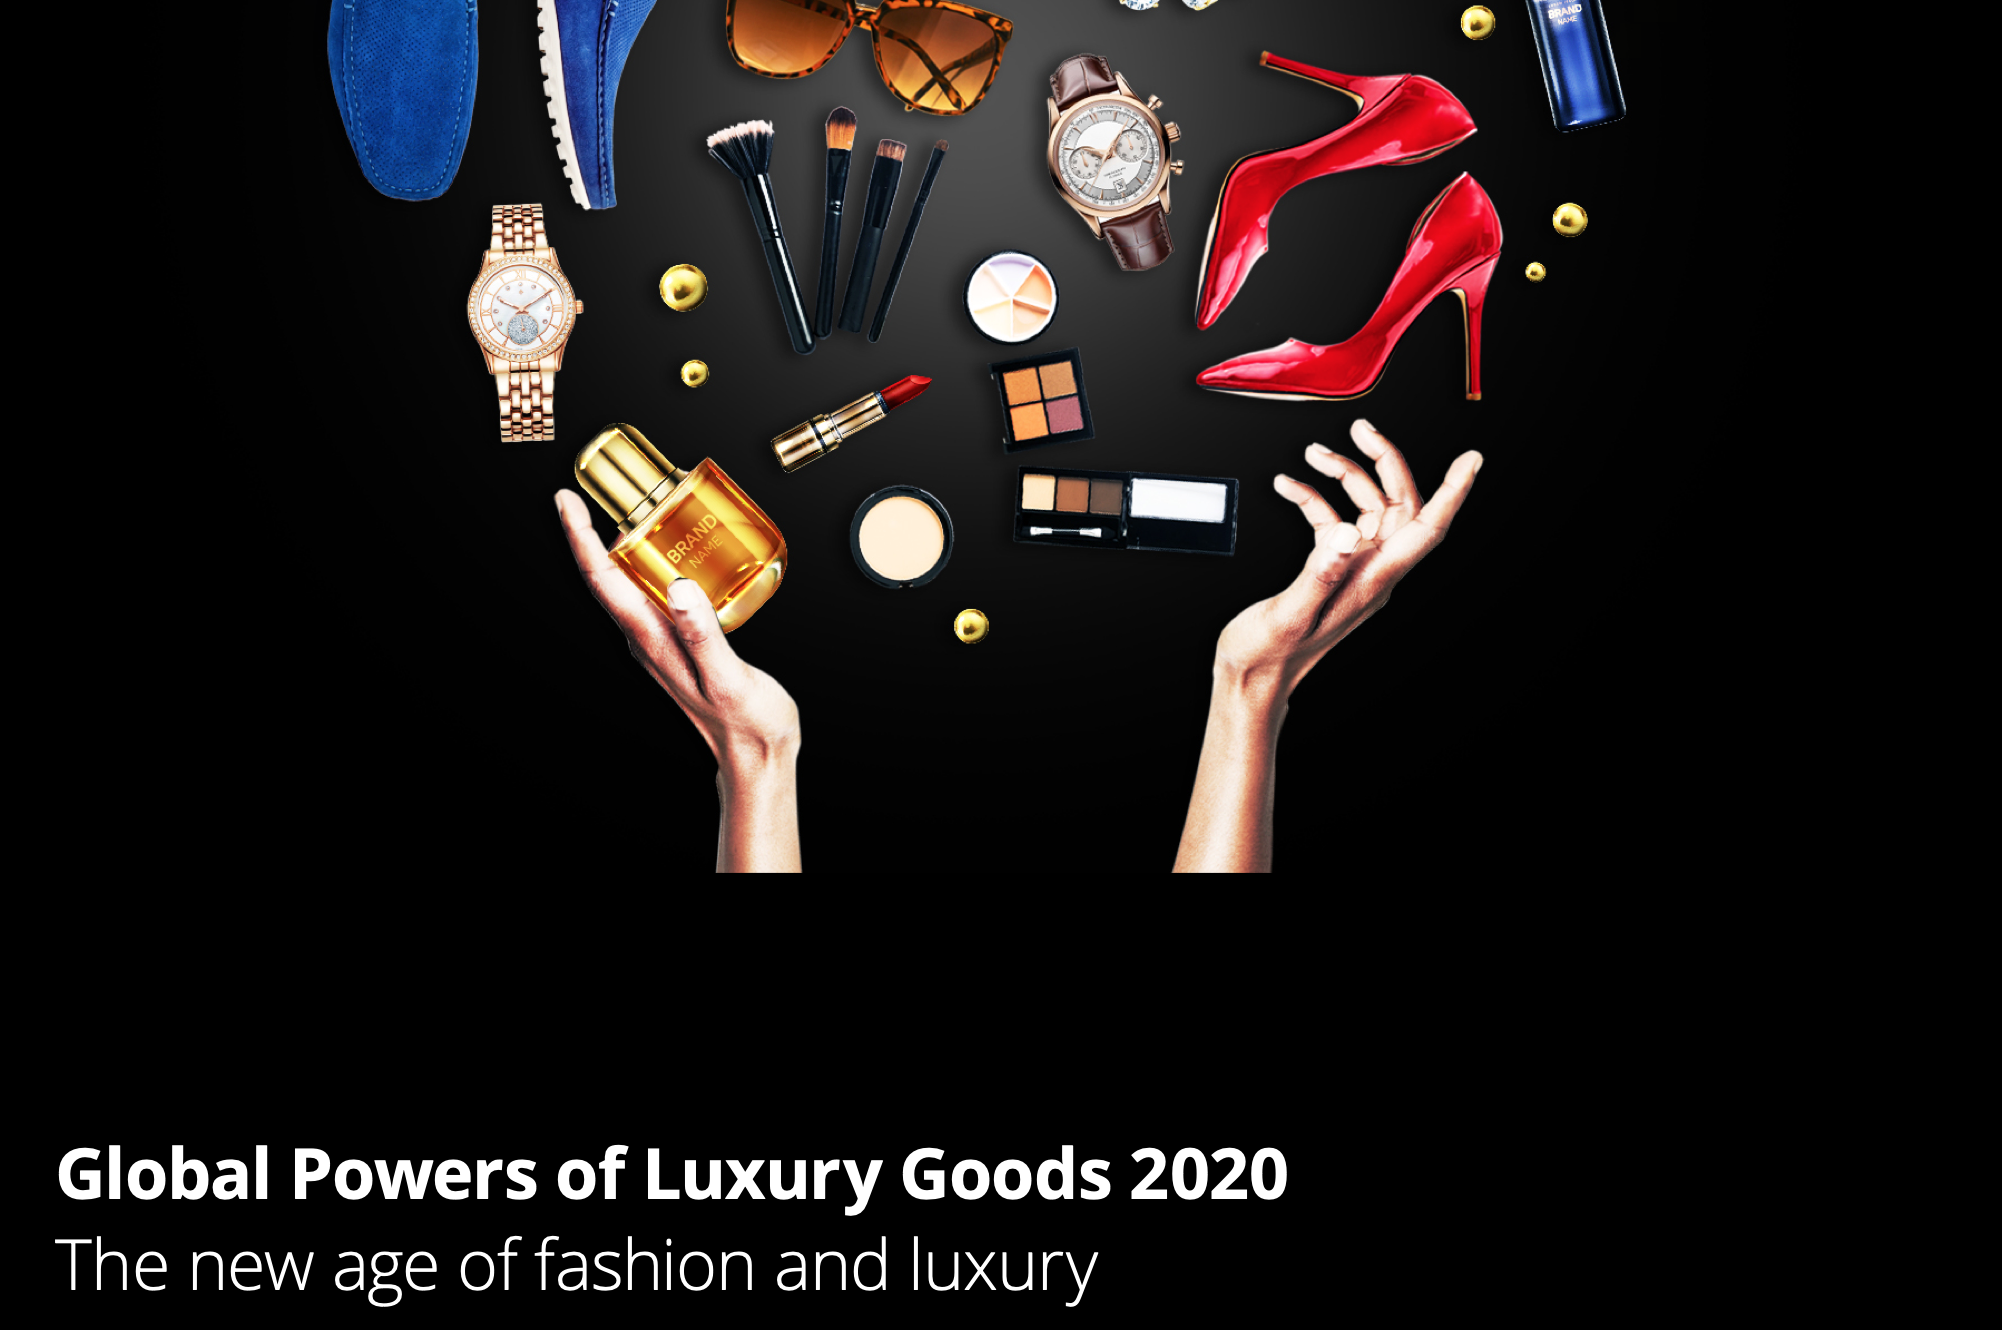 德勤2020全球奢侈品公司百强榜单:进入榜单的最低年销售额门槛为2.38亿美元